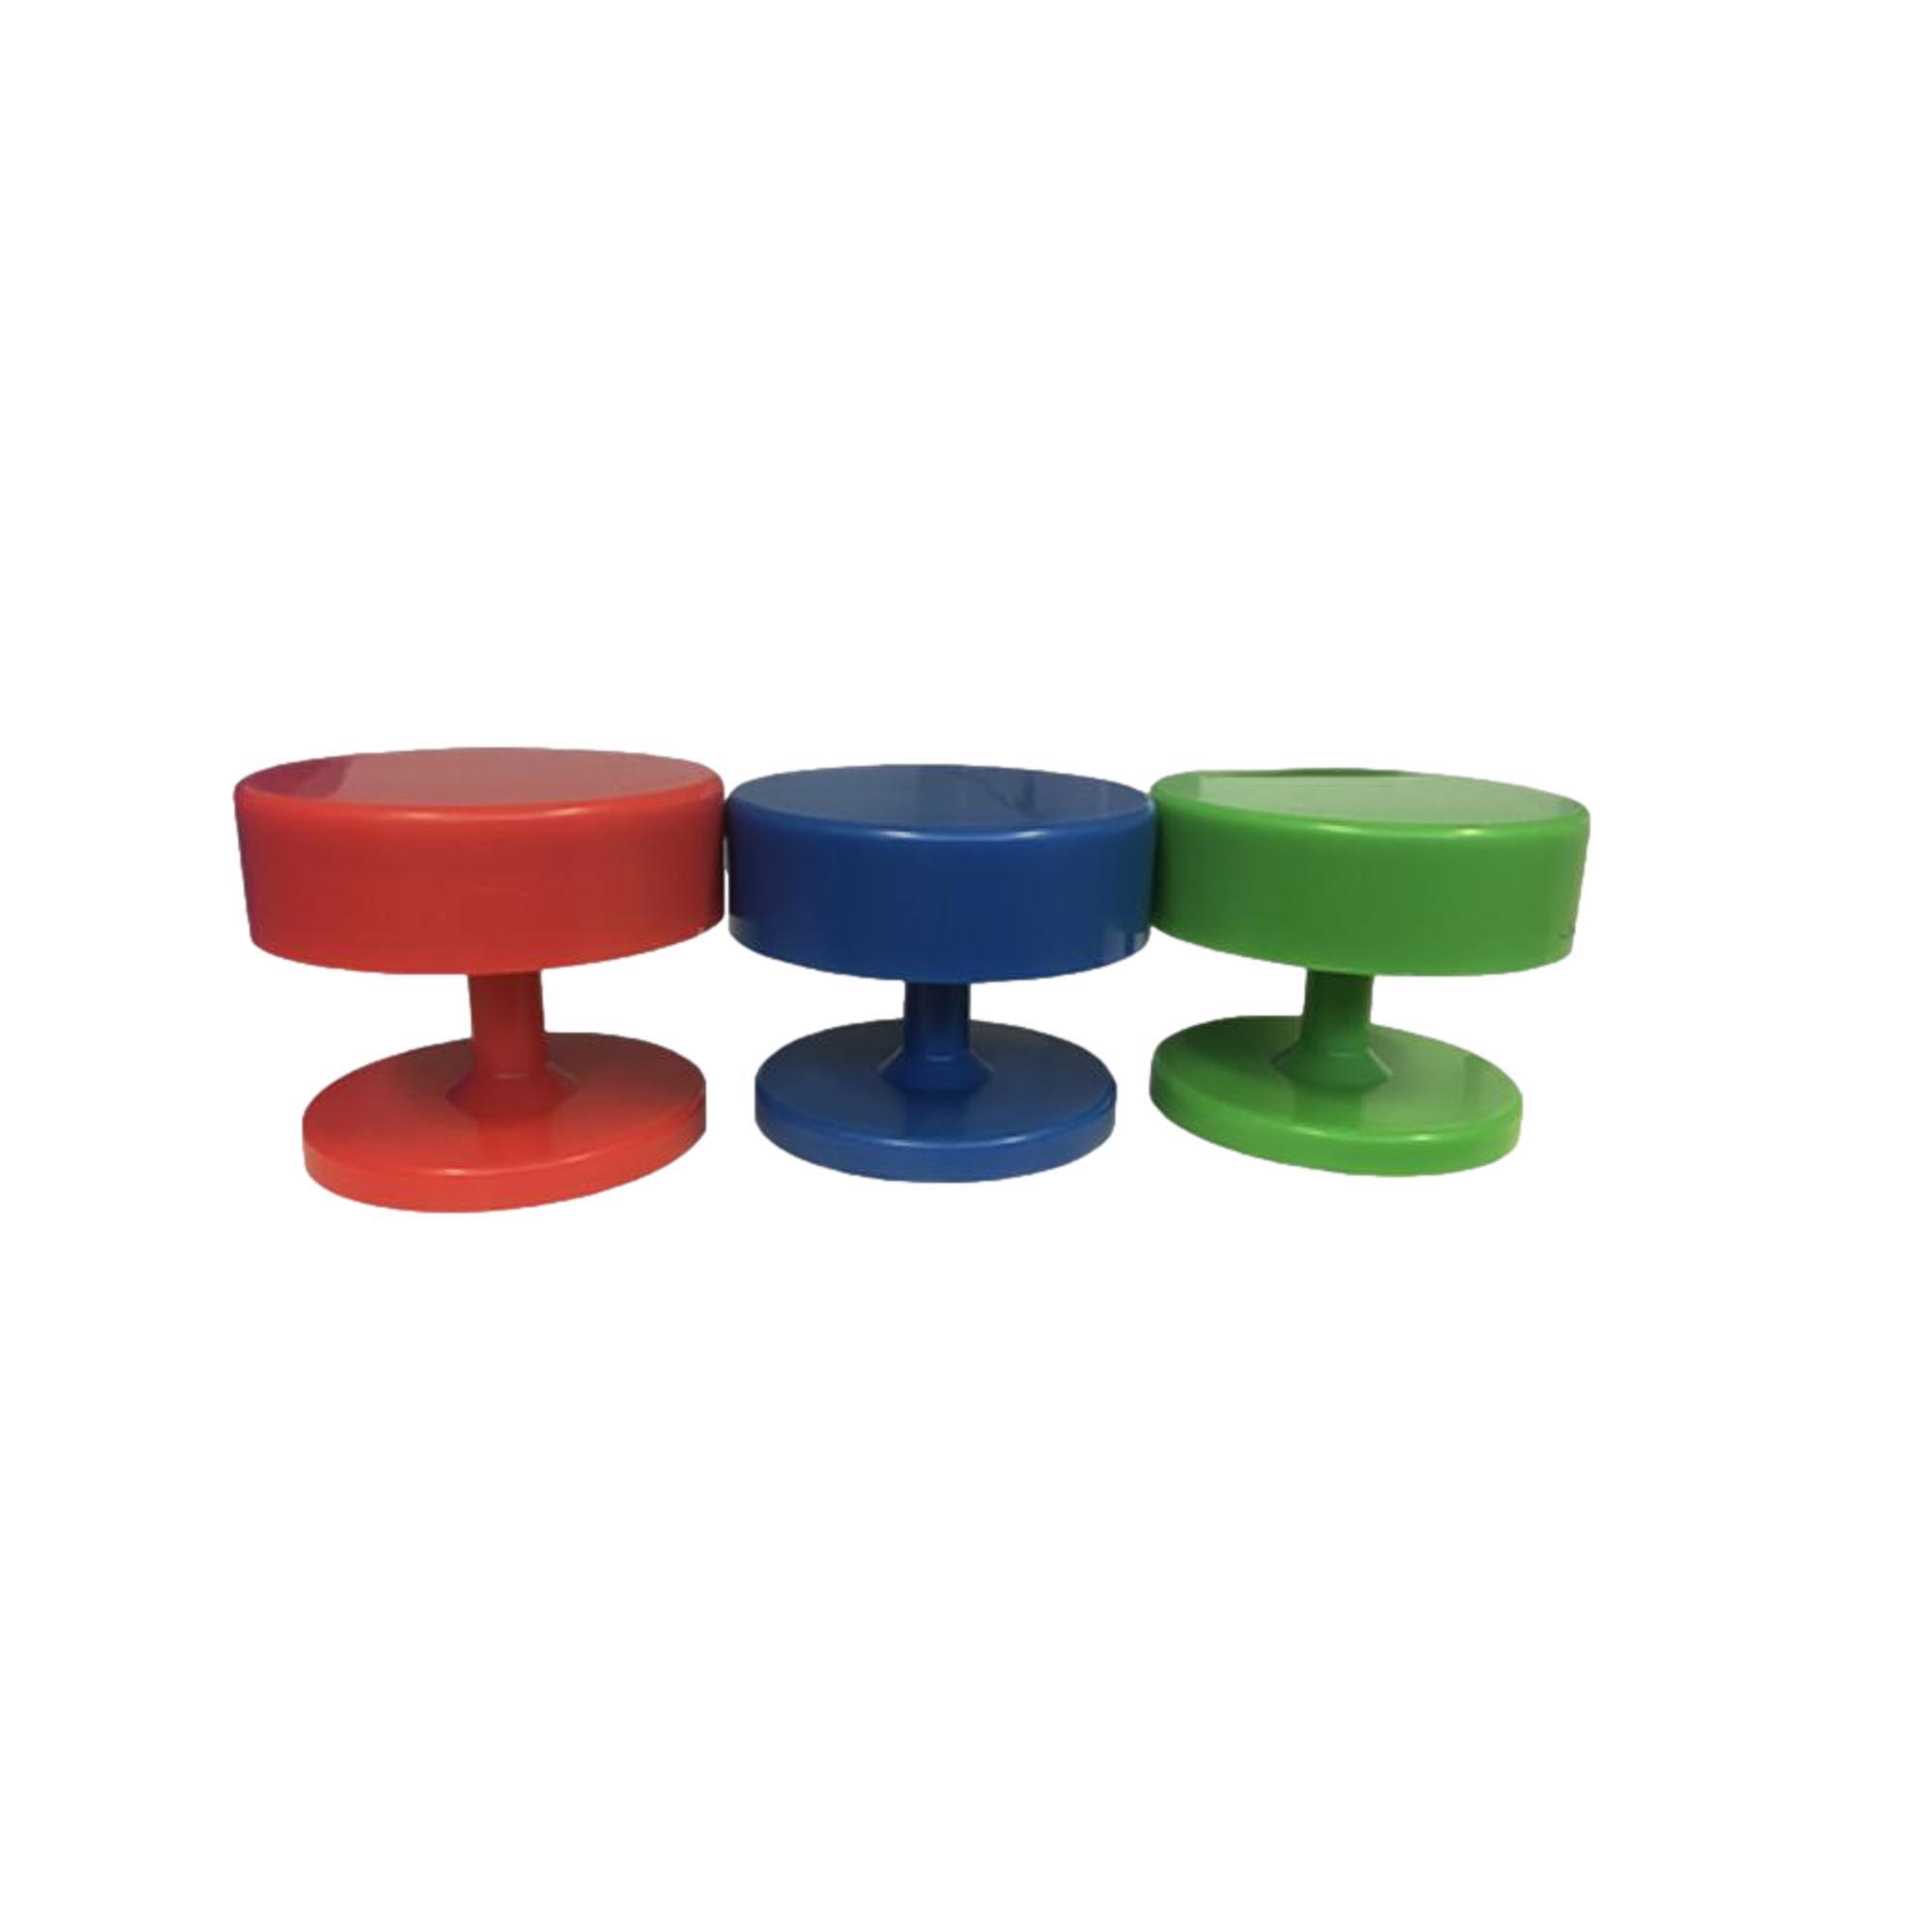 Portes fraises magnétiques - 3 coloris différents